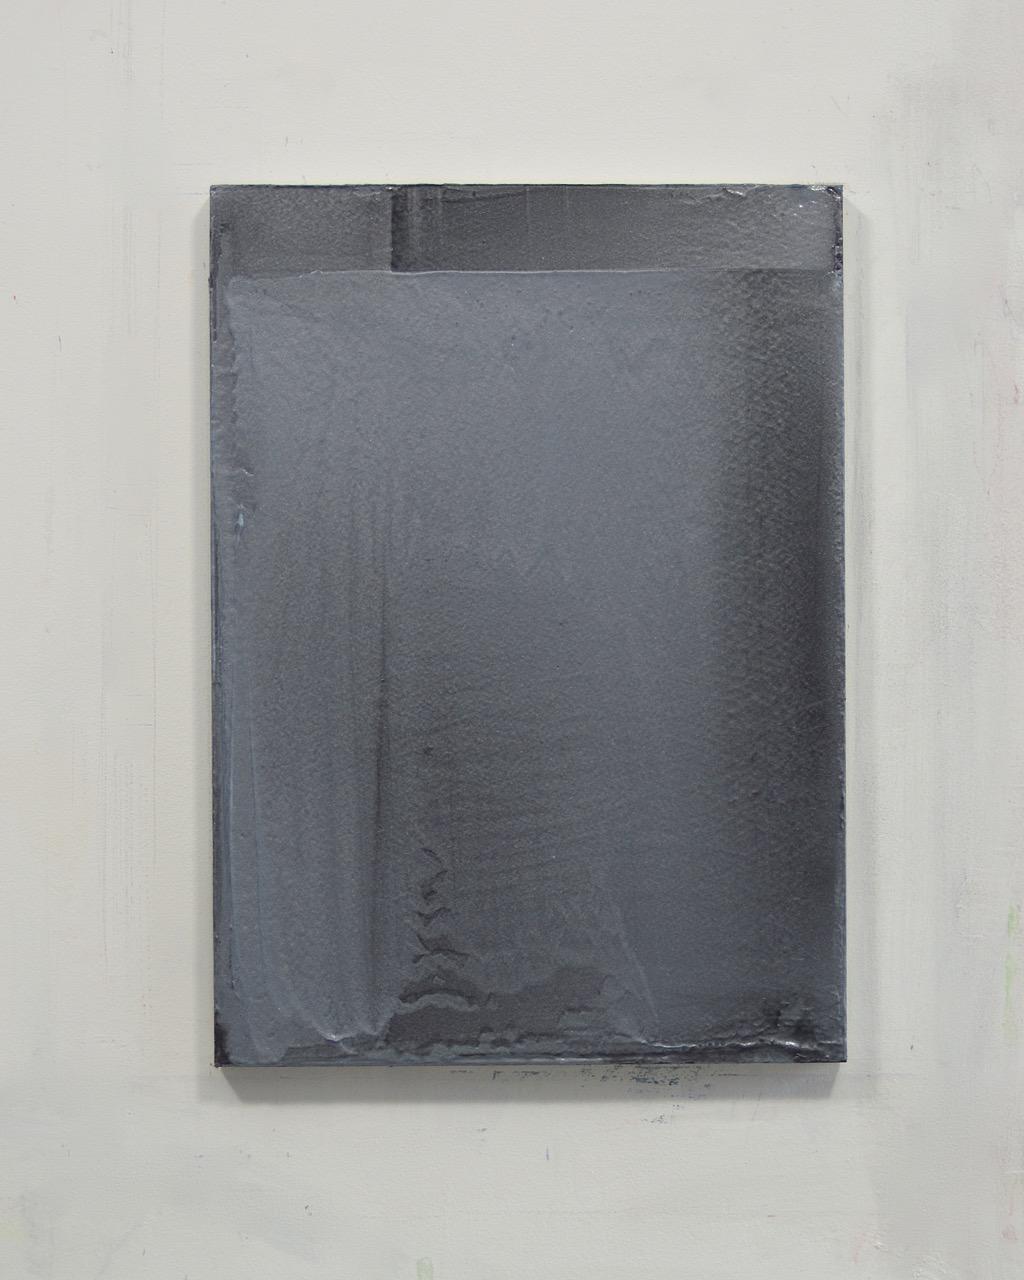 milori blue with aluminum, 2013, 42x33cm.jpg